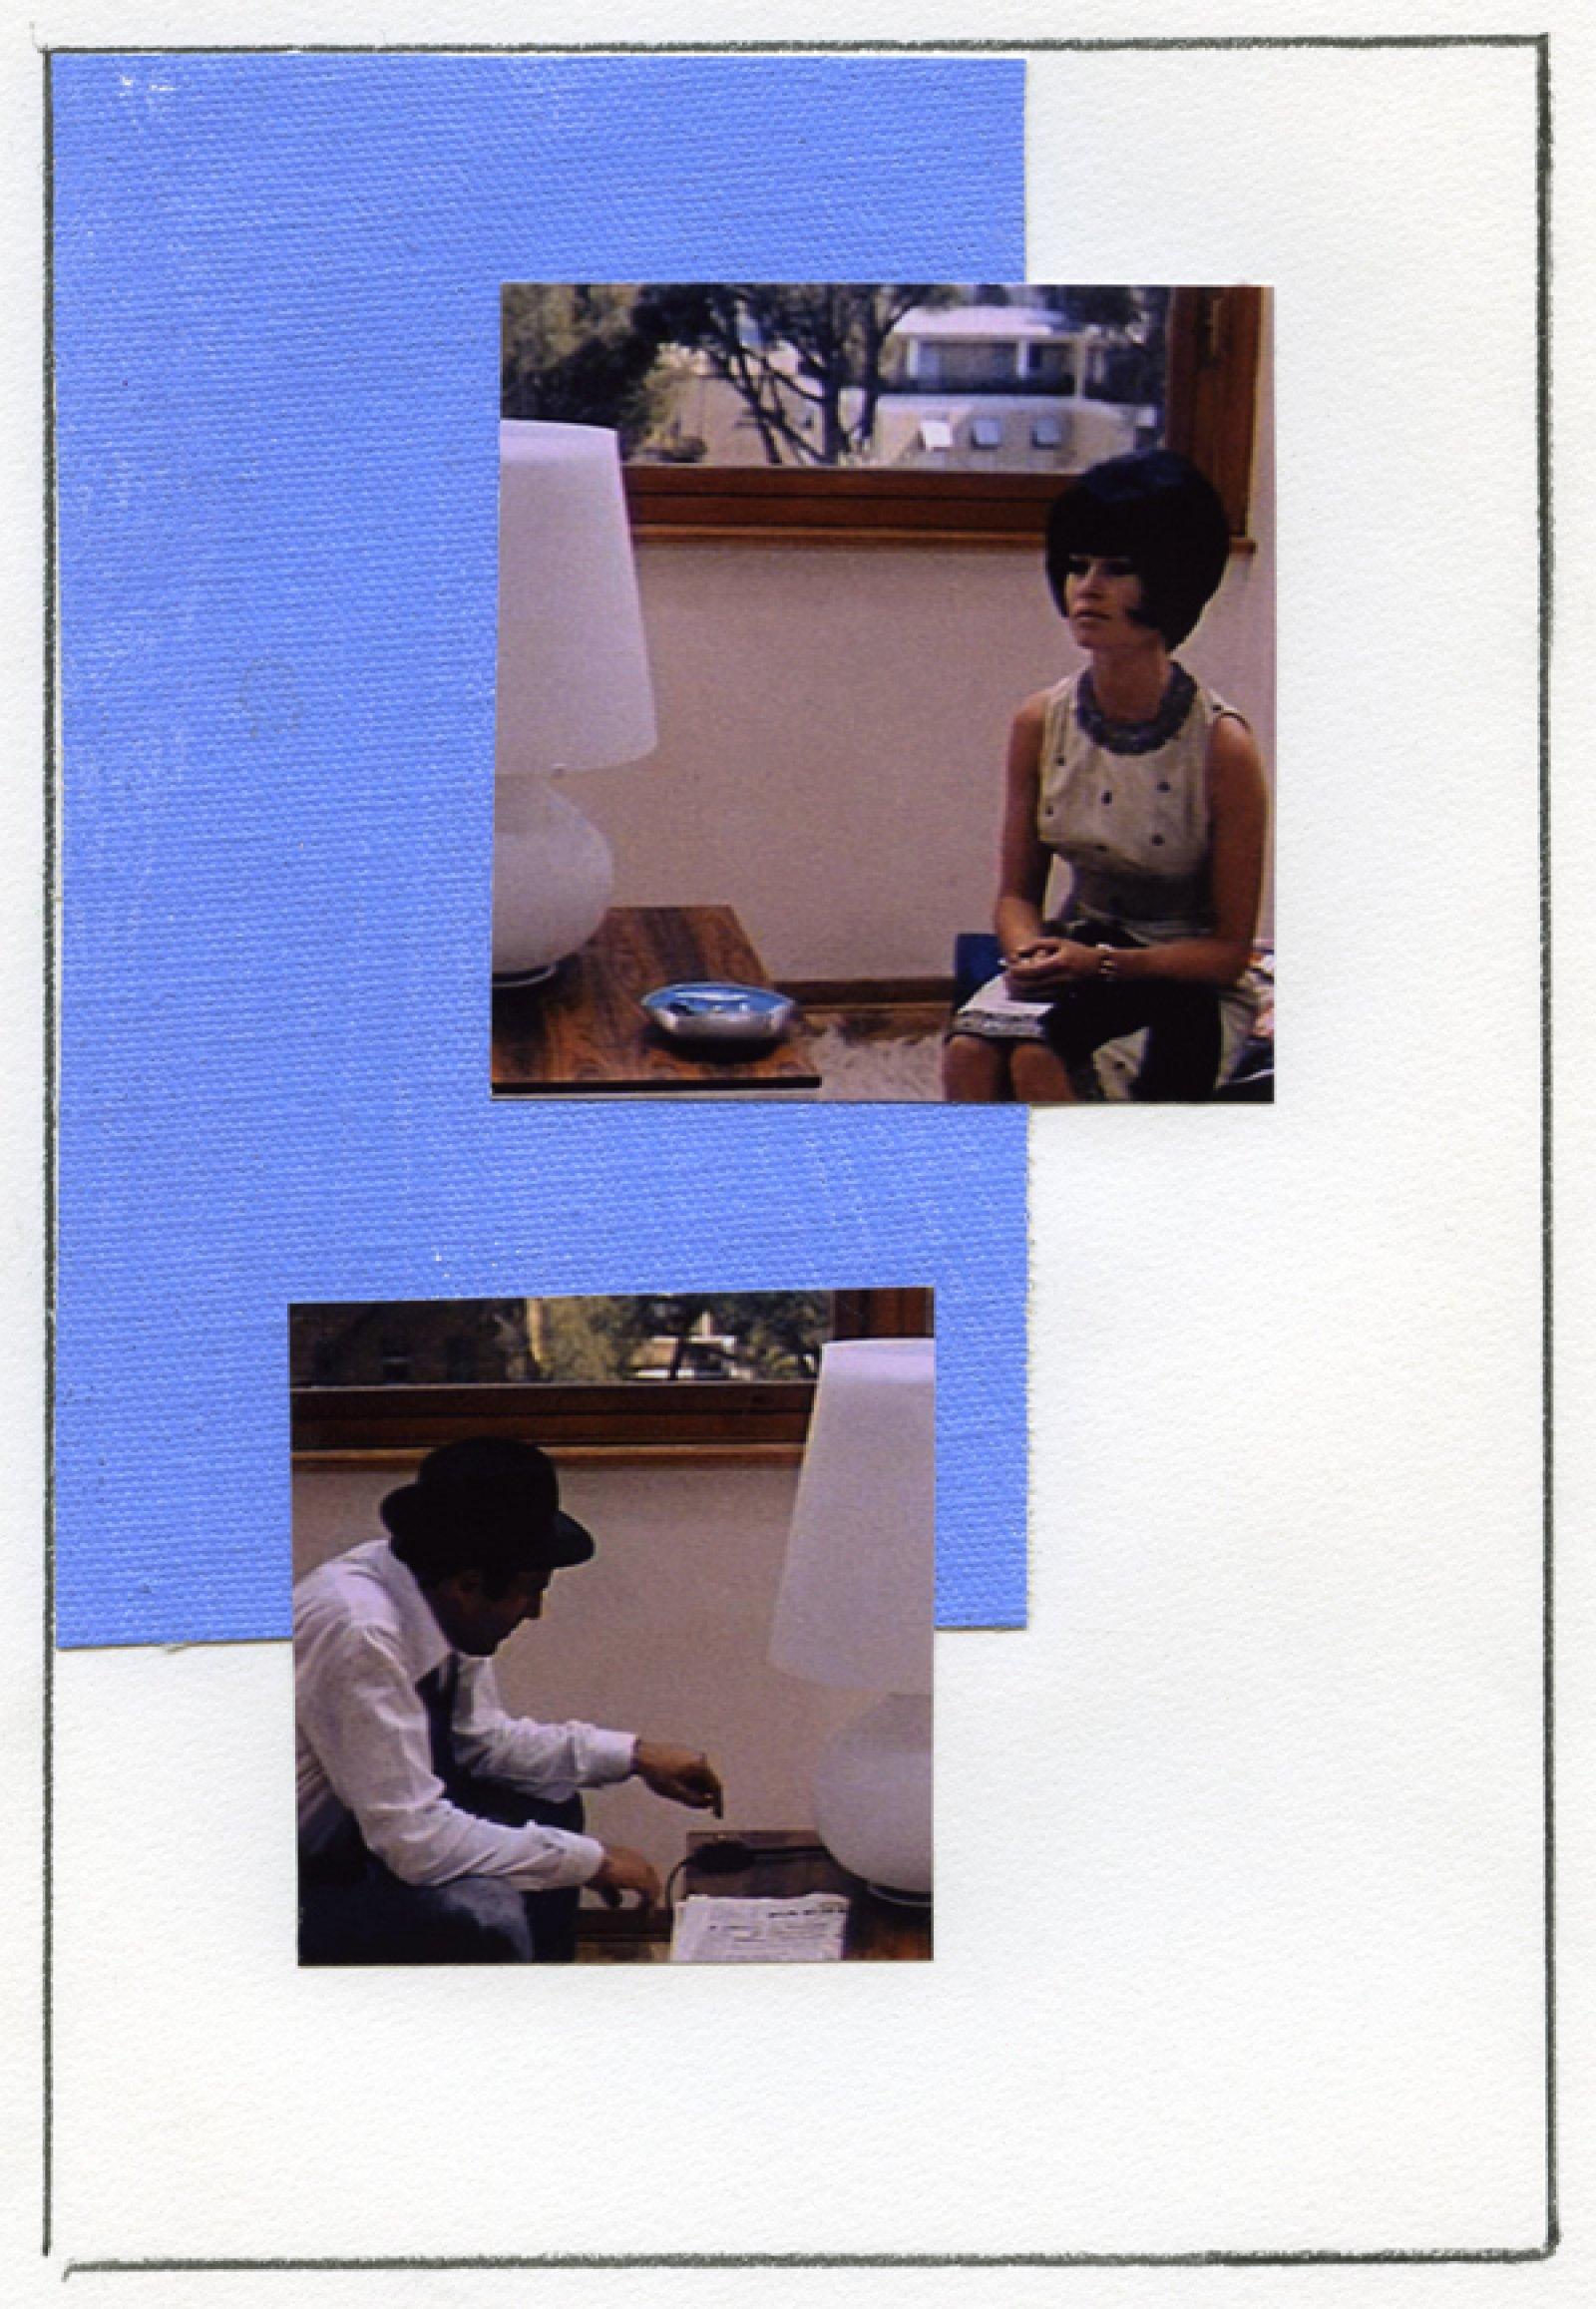 Ian Wallace, Enlarged Inkjet Study for Le Mépris VI, 2010, inkjet print, 47 x 35 in. (119 x 89 cm)   by Ian Wallace